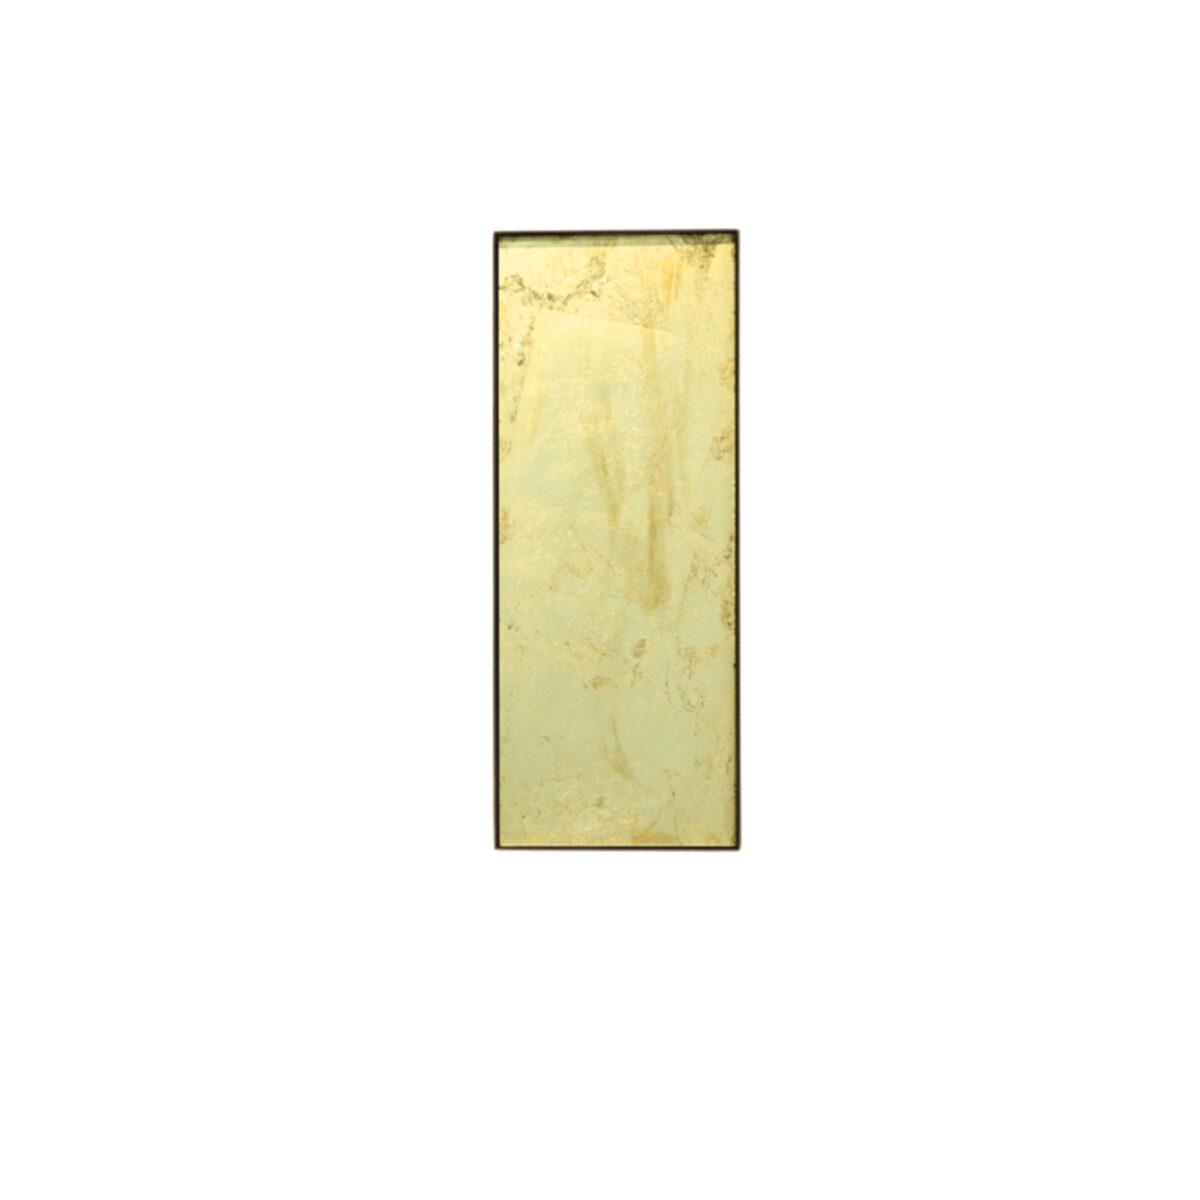 NM minitray Guld L